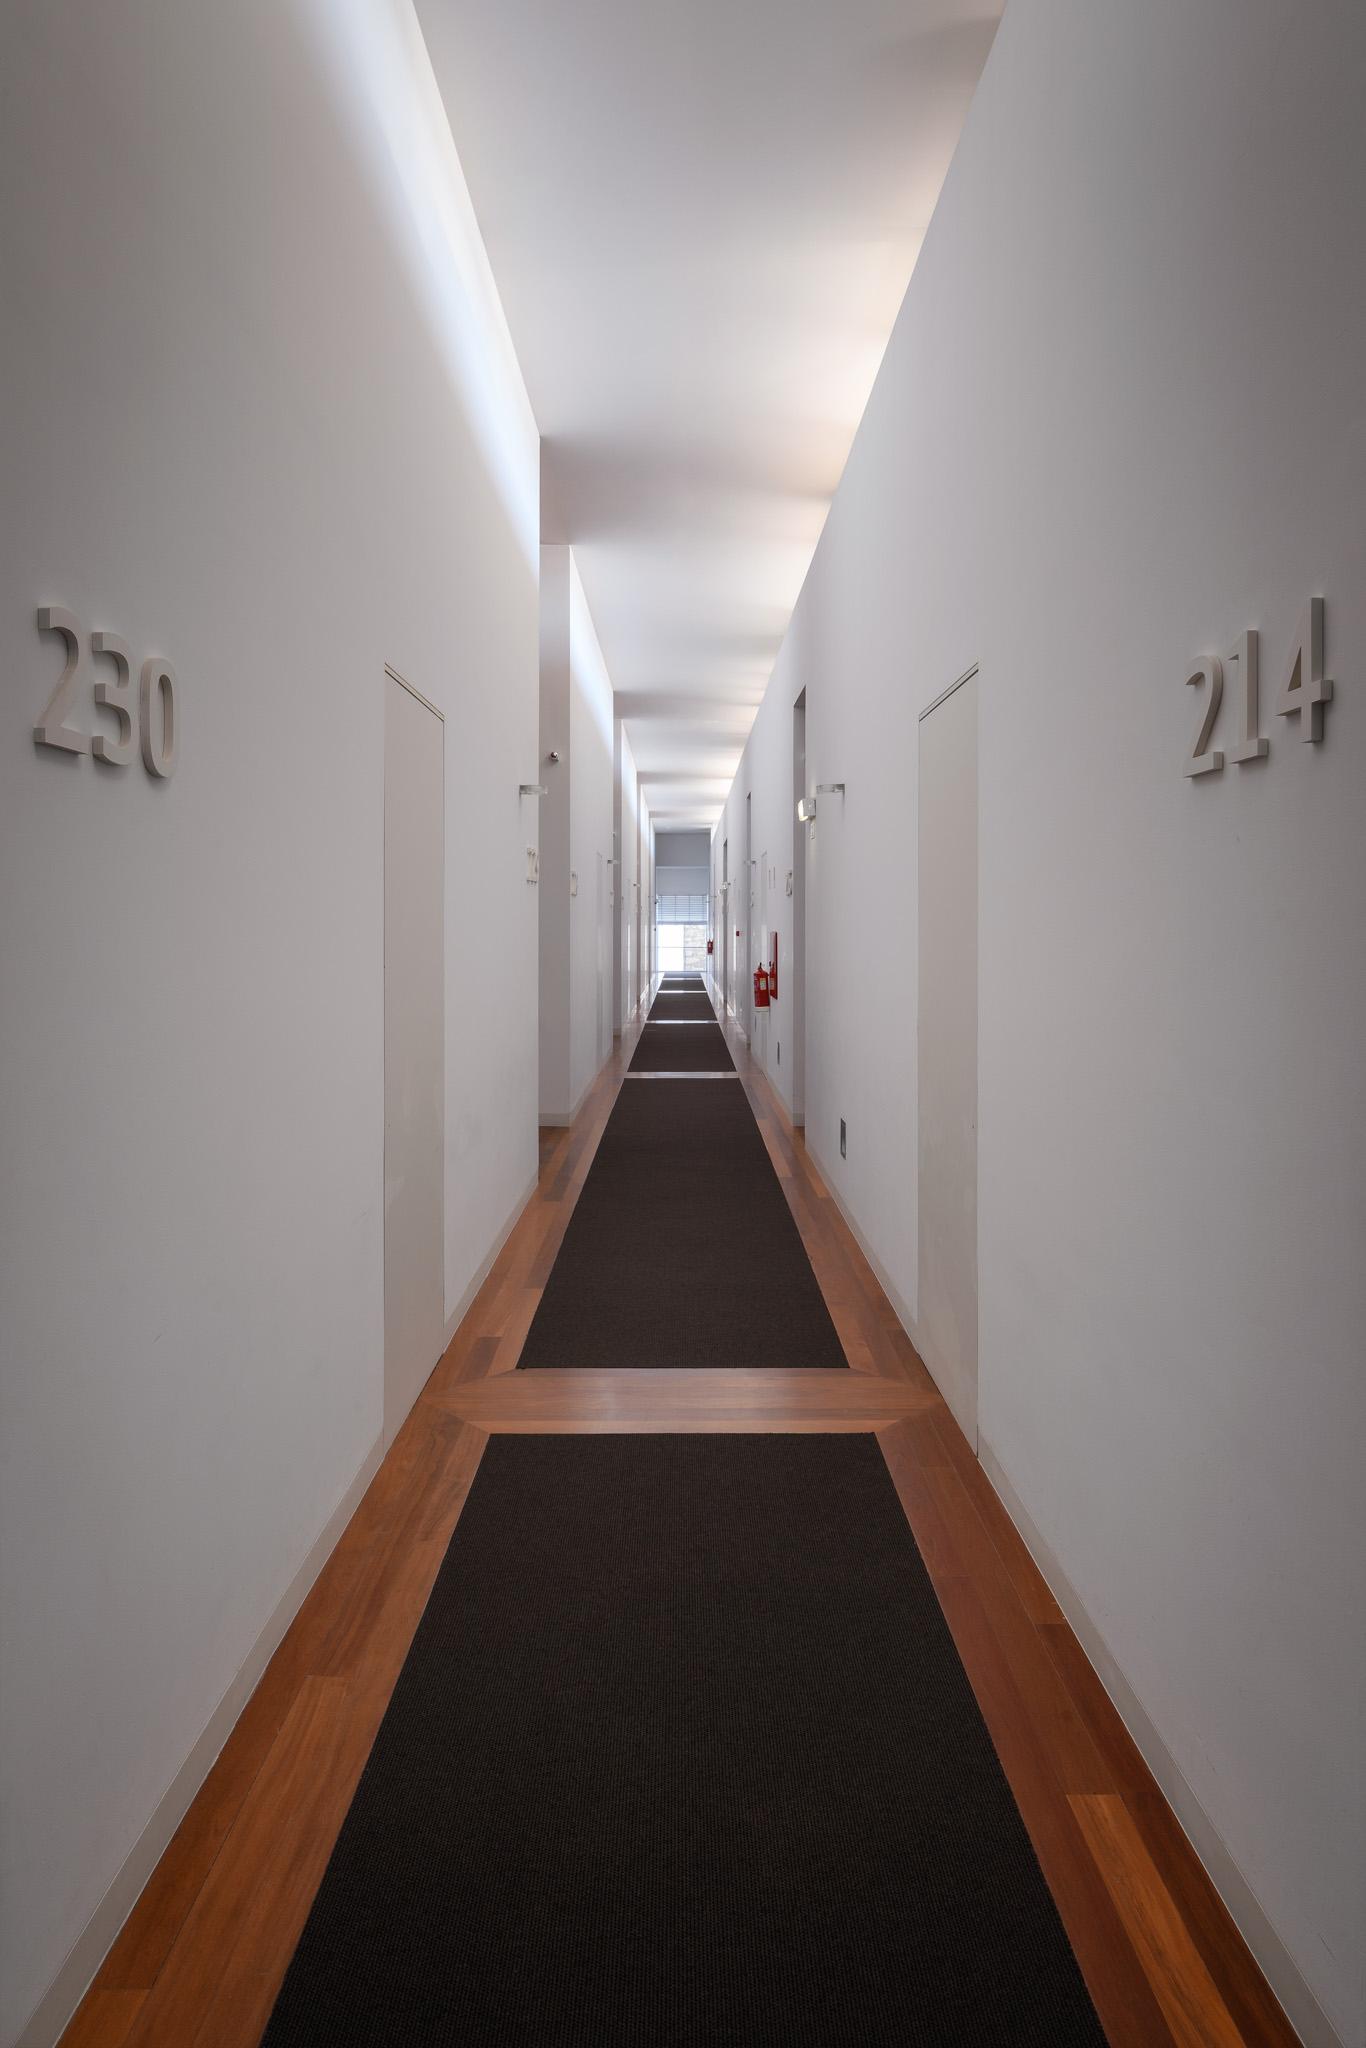 35-Corredor dos quartos-dia.jpg